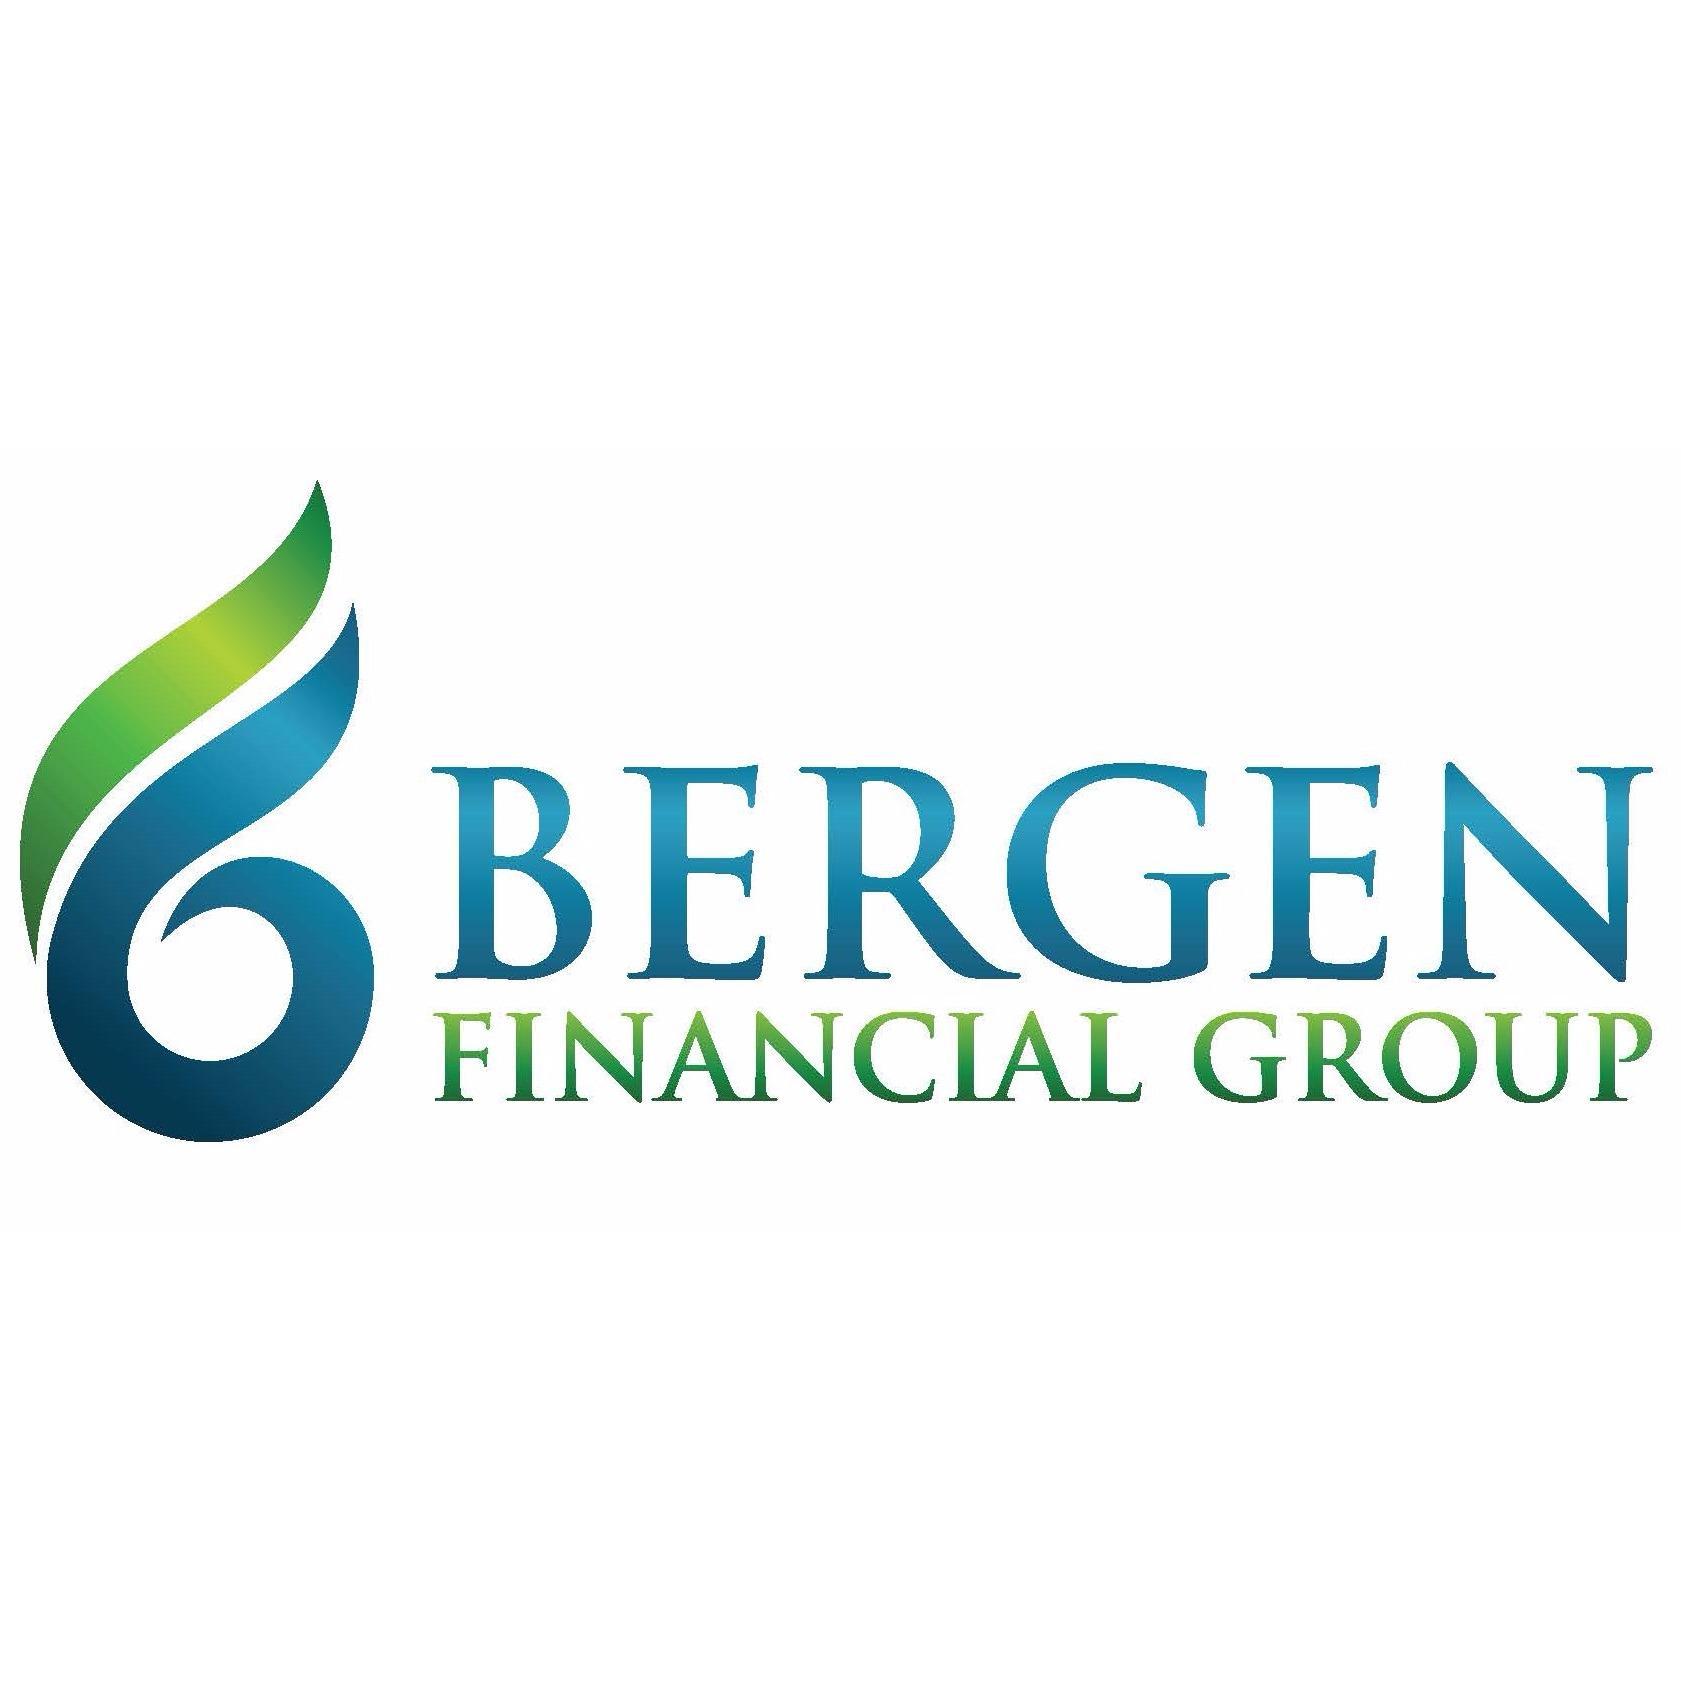 Bergen Financial Group